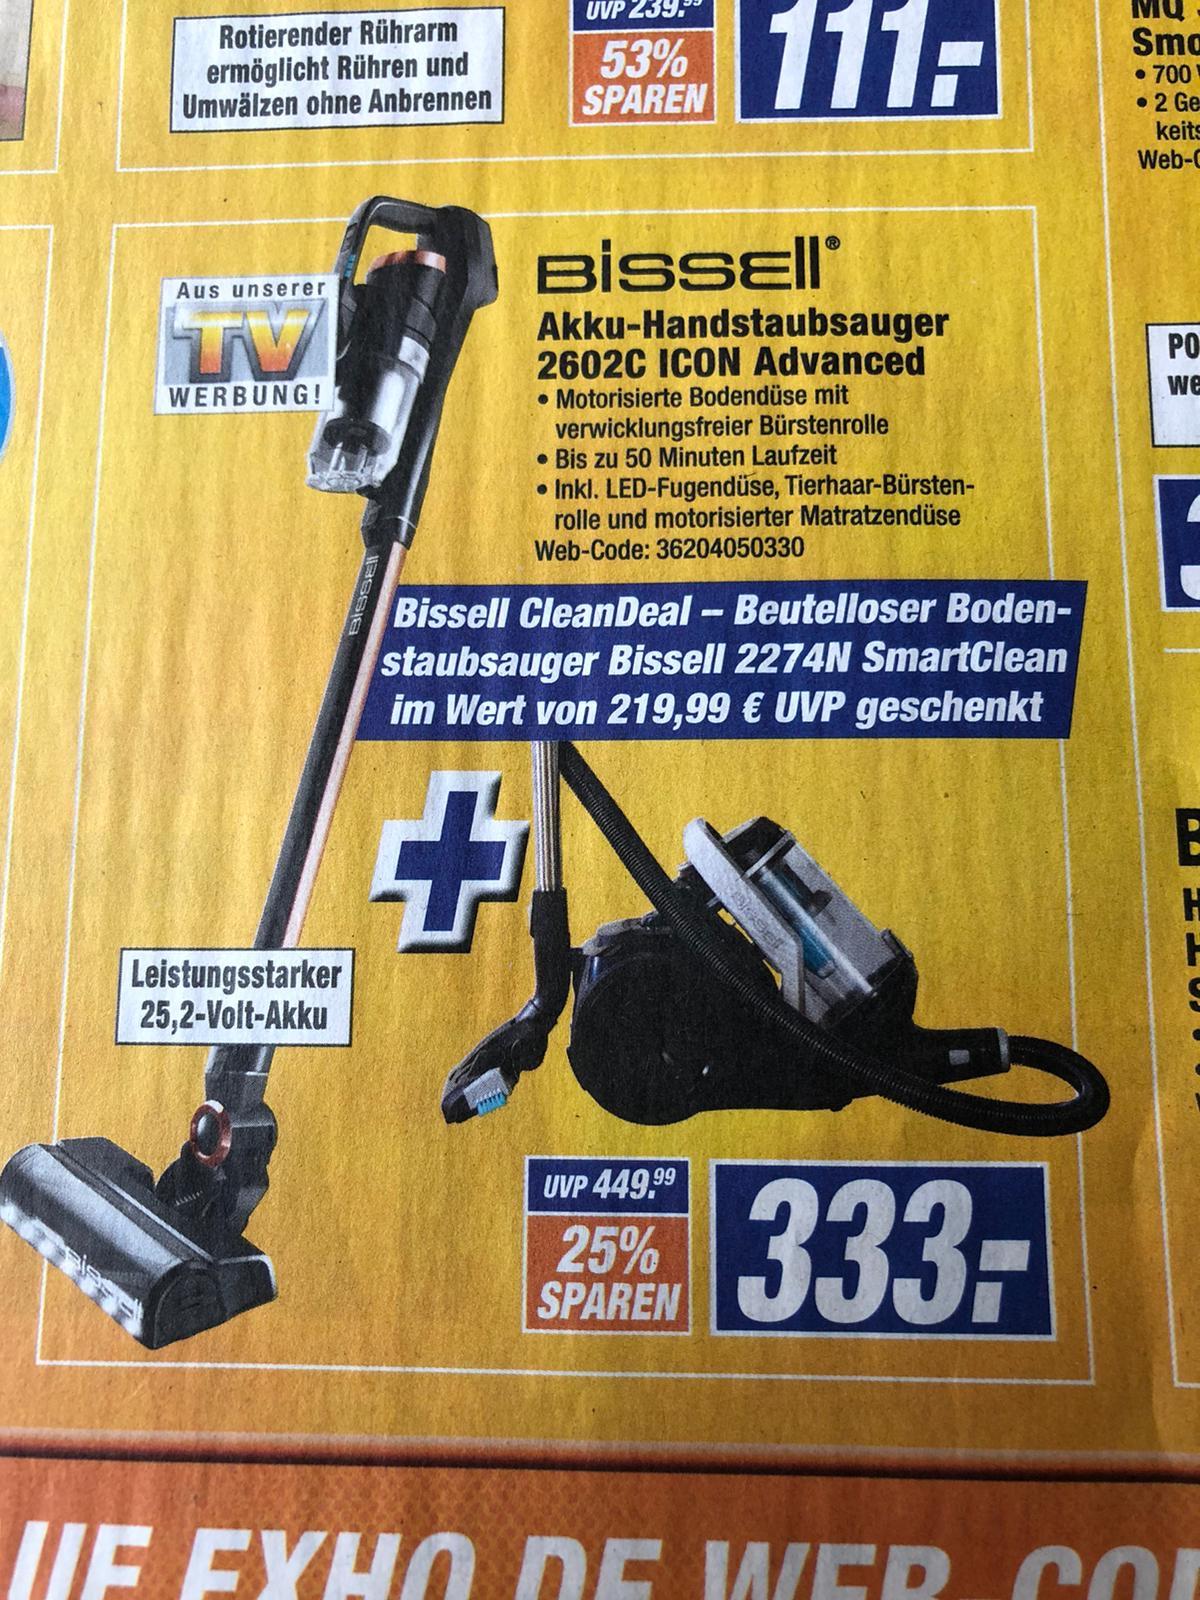 (Expert) Bissell Icon 25V Handstick + SmartClean Beutelloser Staubsauger kostenlos - 333 € stationär